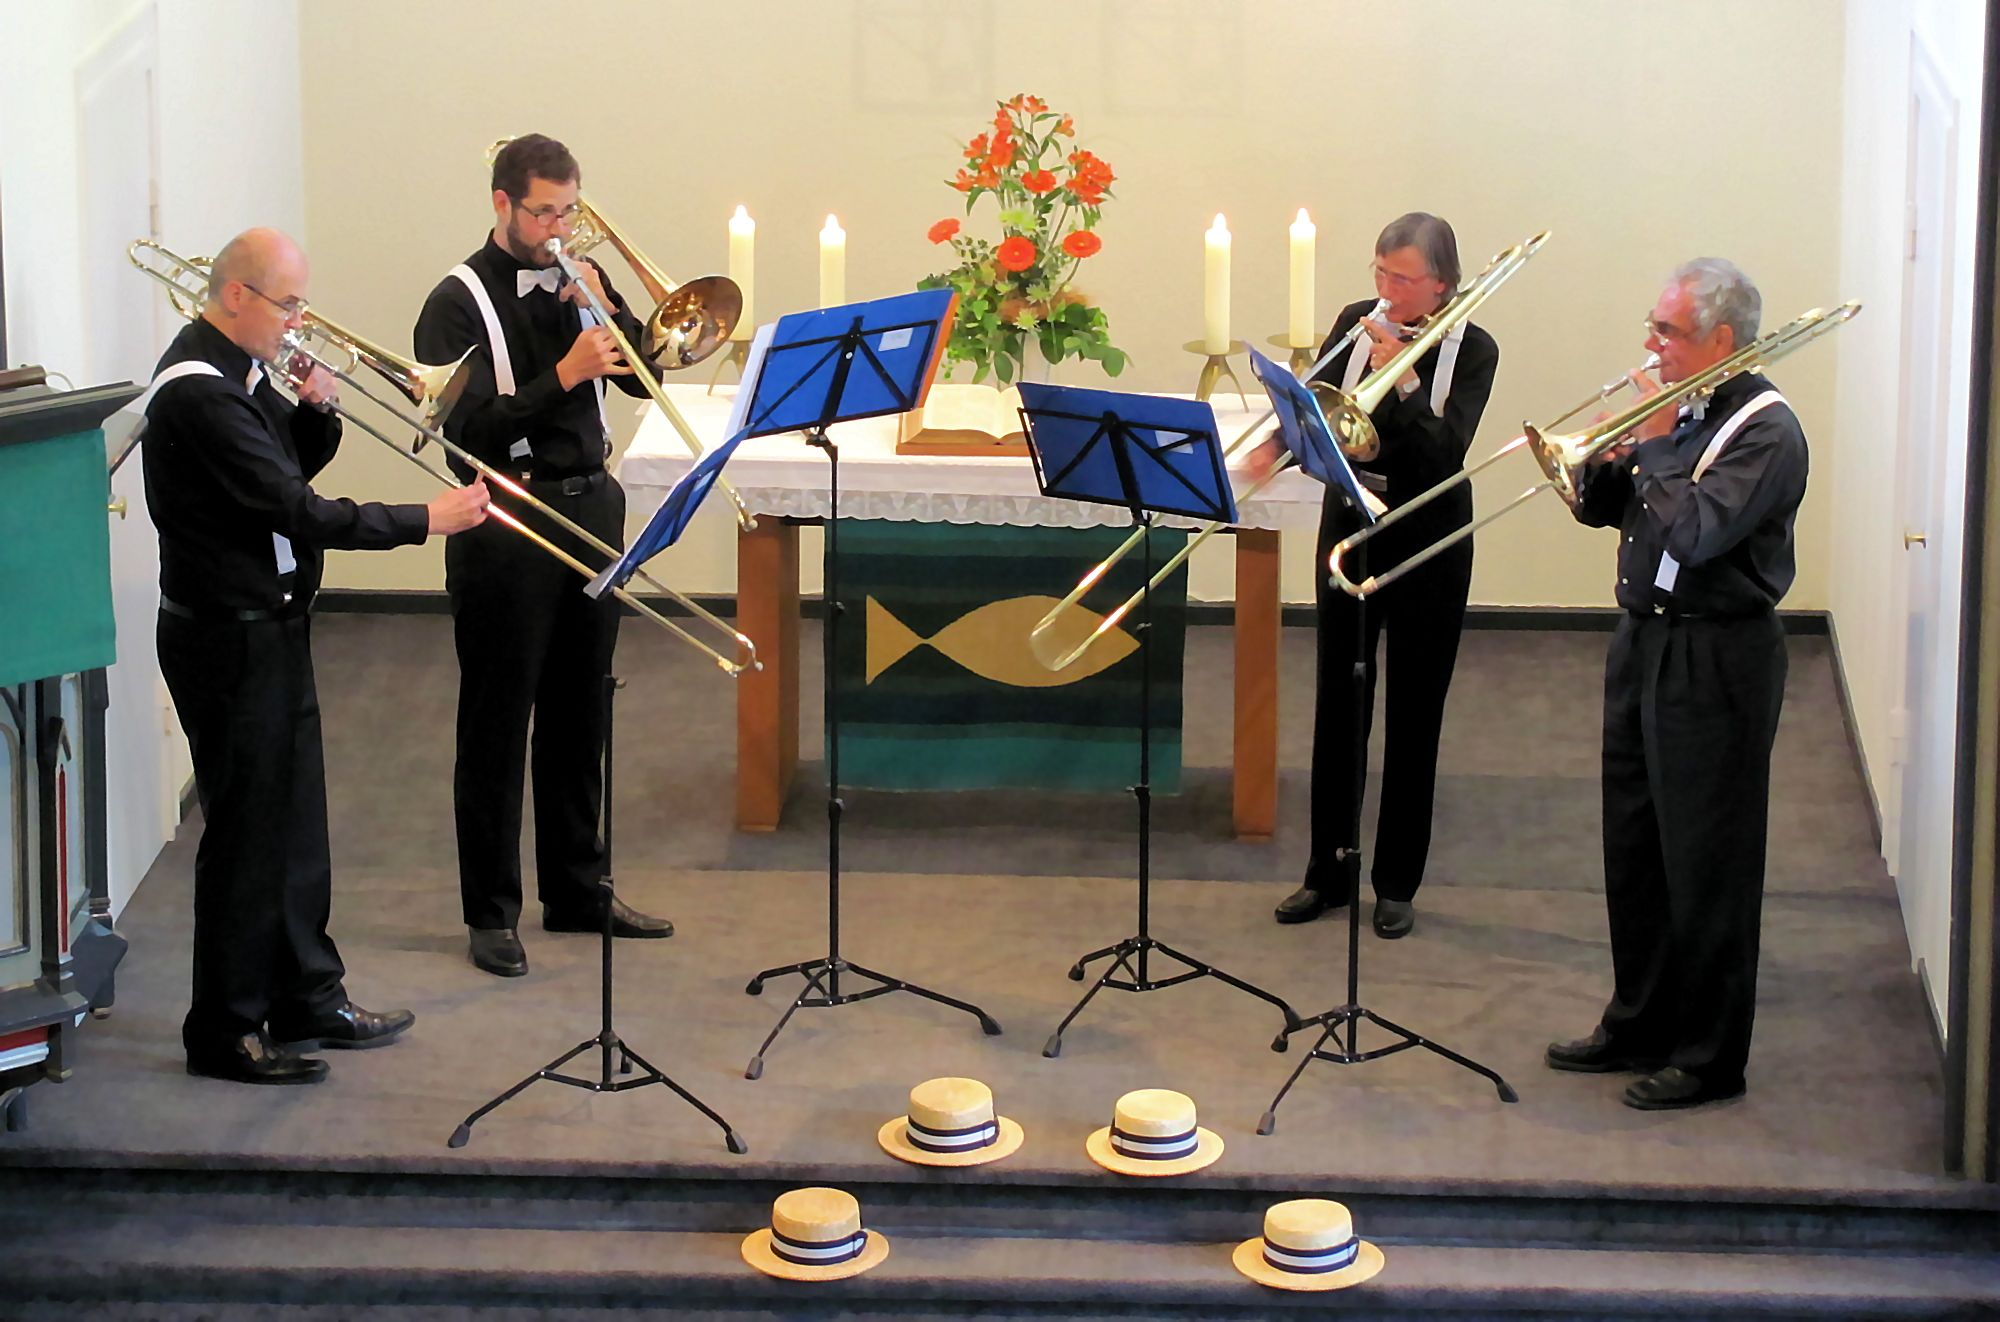 Trombonissimo (v.l. Peter Foerg, Christian Foerg, Doris Gutbier, Joachim Schuster)